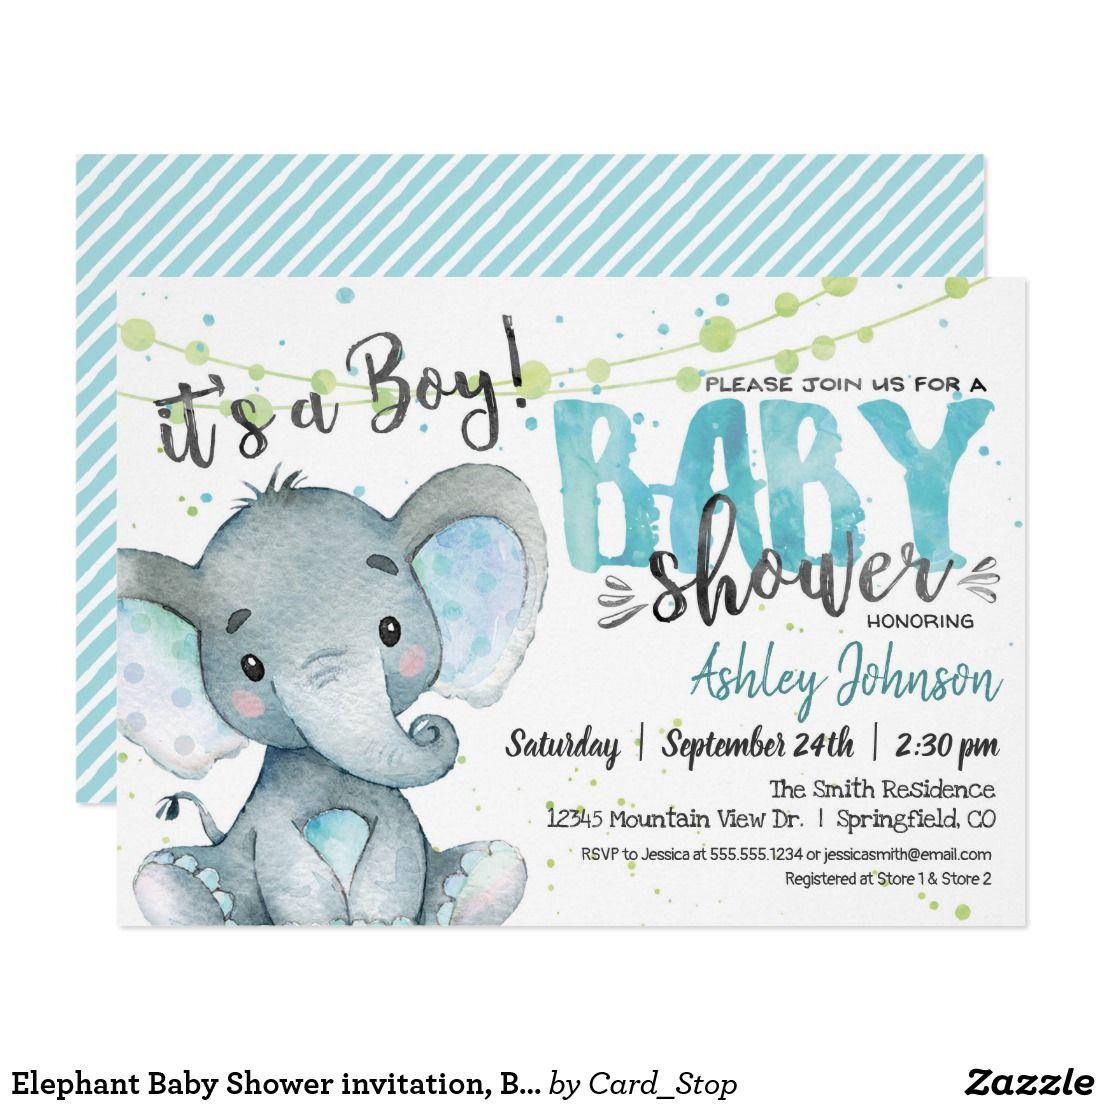 Elephant Baby Shower Invitation Boy Invitation Zazzle Com Elephant Baby Shower Invitations Boy Elephant Baby Shower Boy Elephant Baby Shower Invitations